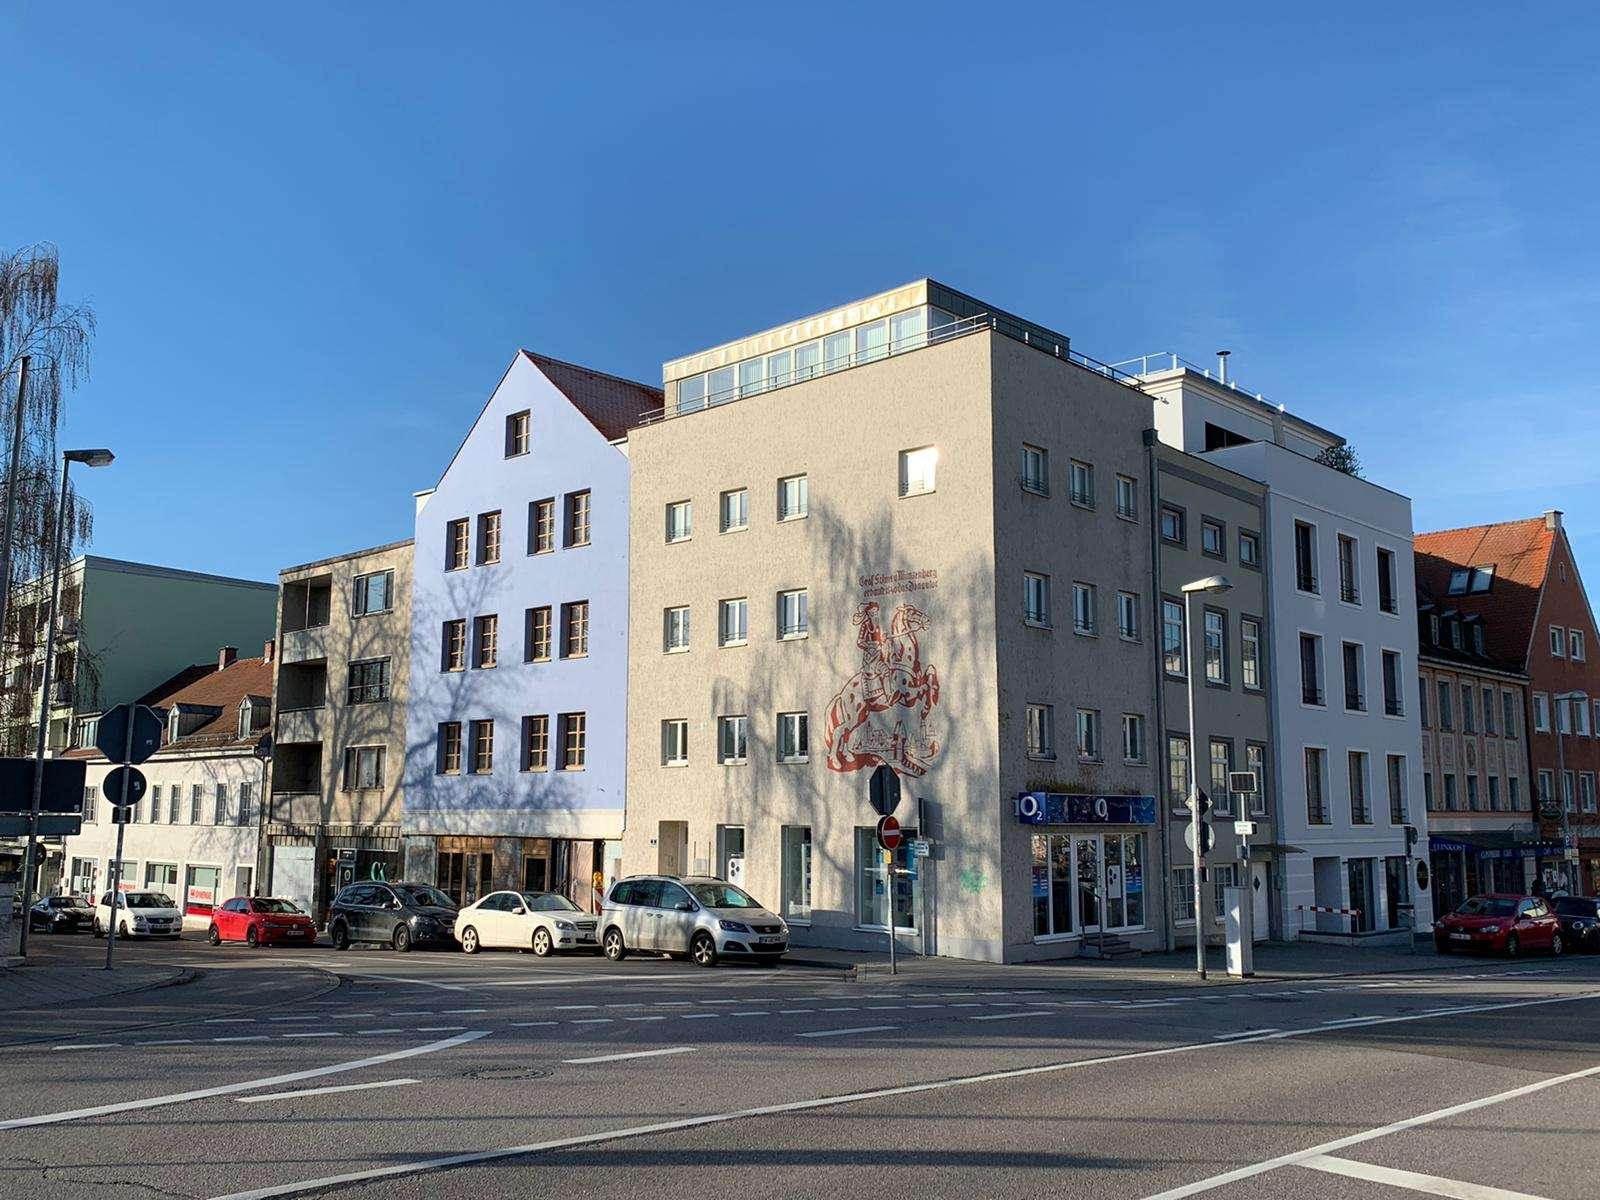 ERSTBEZUG! 3-Zimmer-Wohnung mit Balkon, Ingolstädter Innenstadt in Mitte (Ingolstadt)